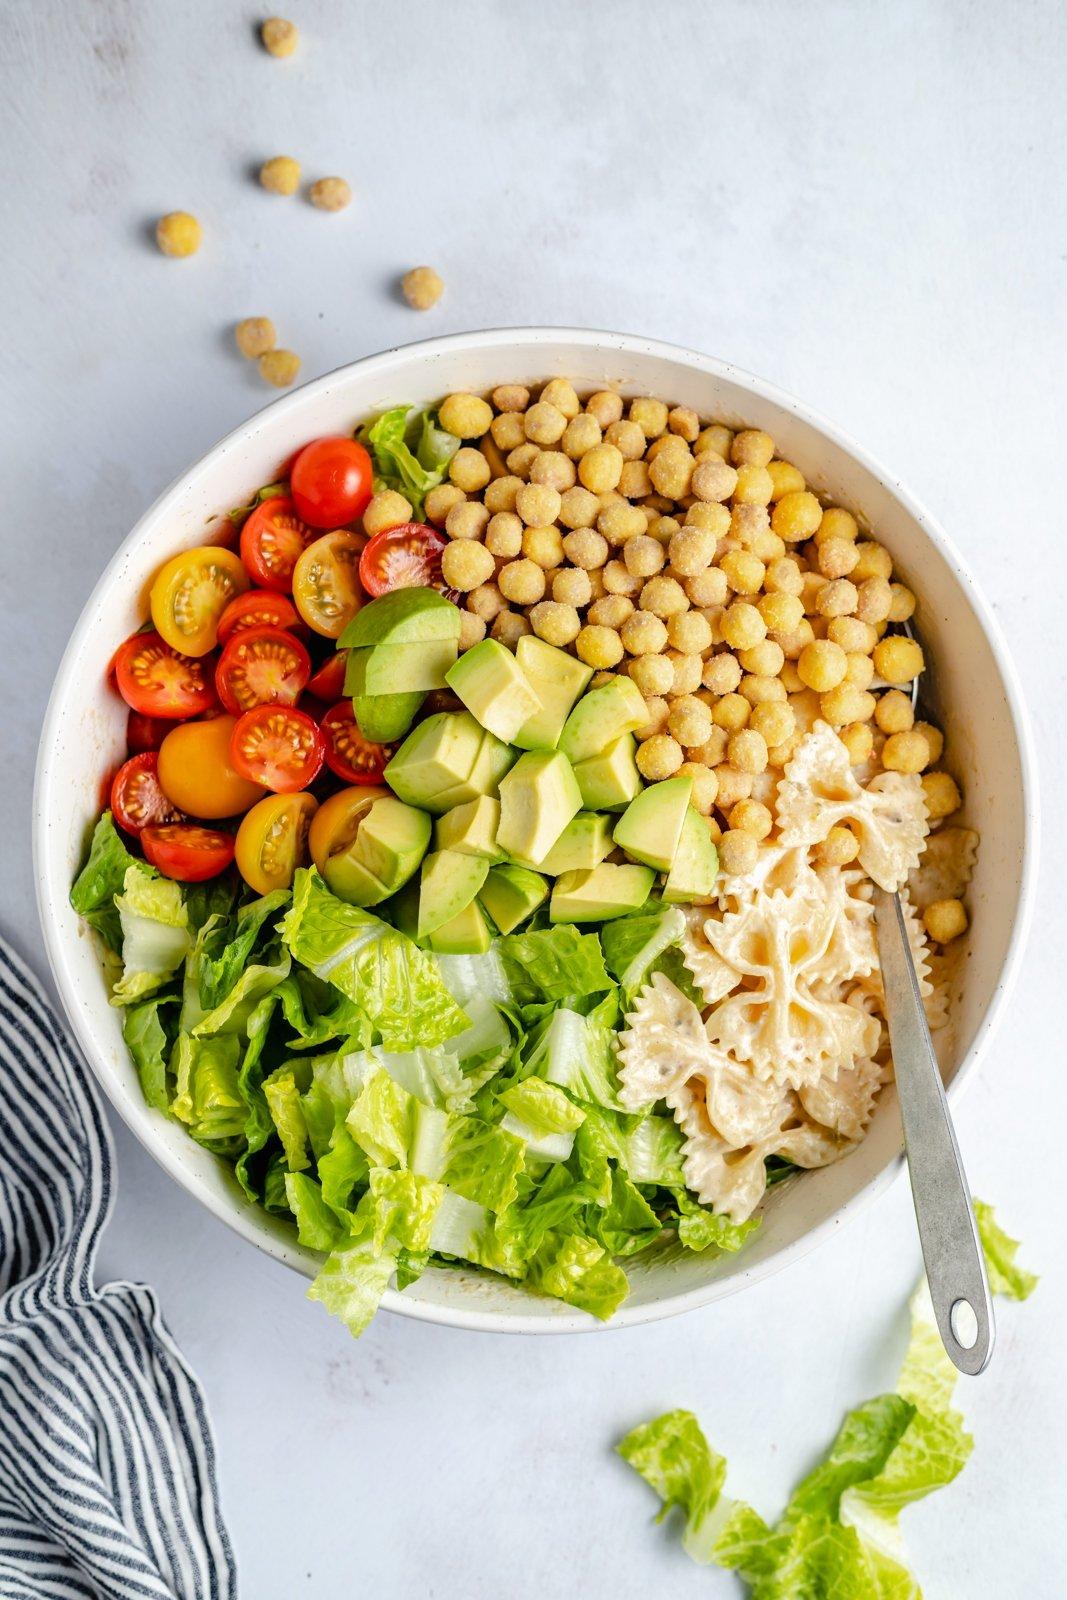 easy vegan caesar pasta salad in a bowl